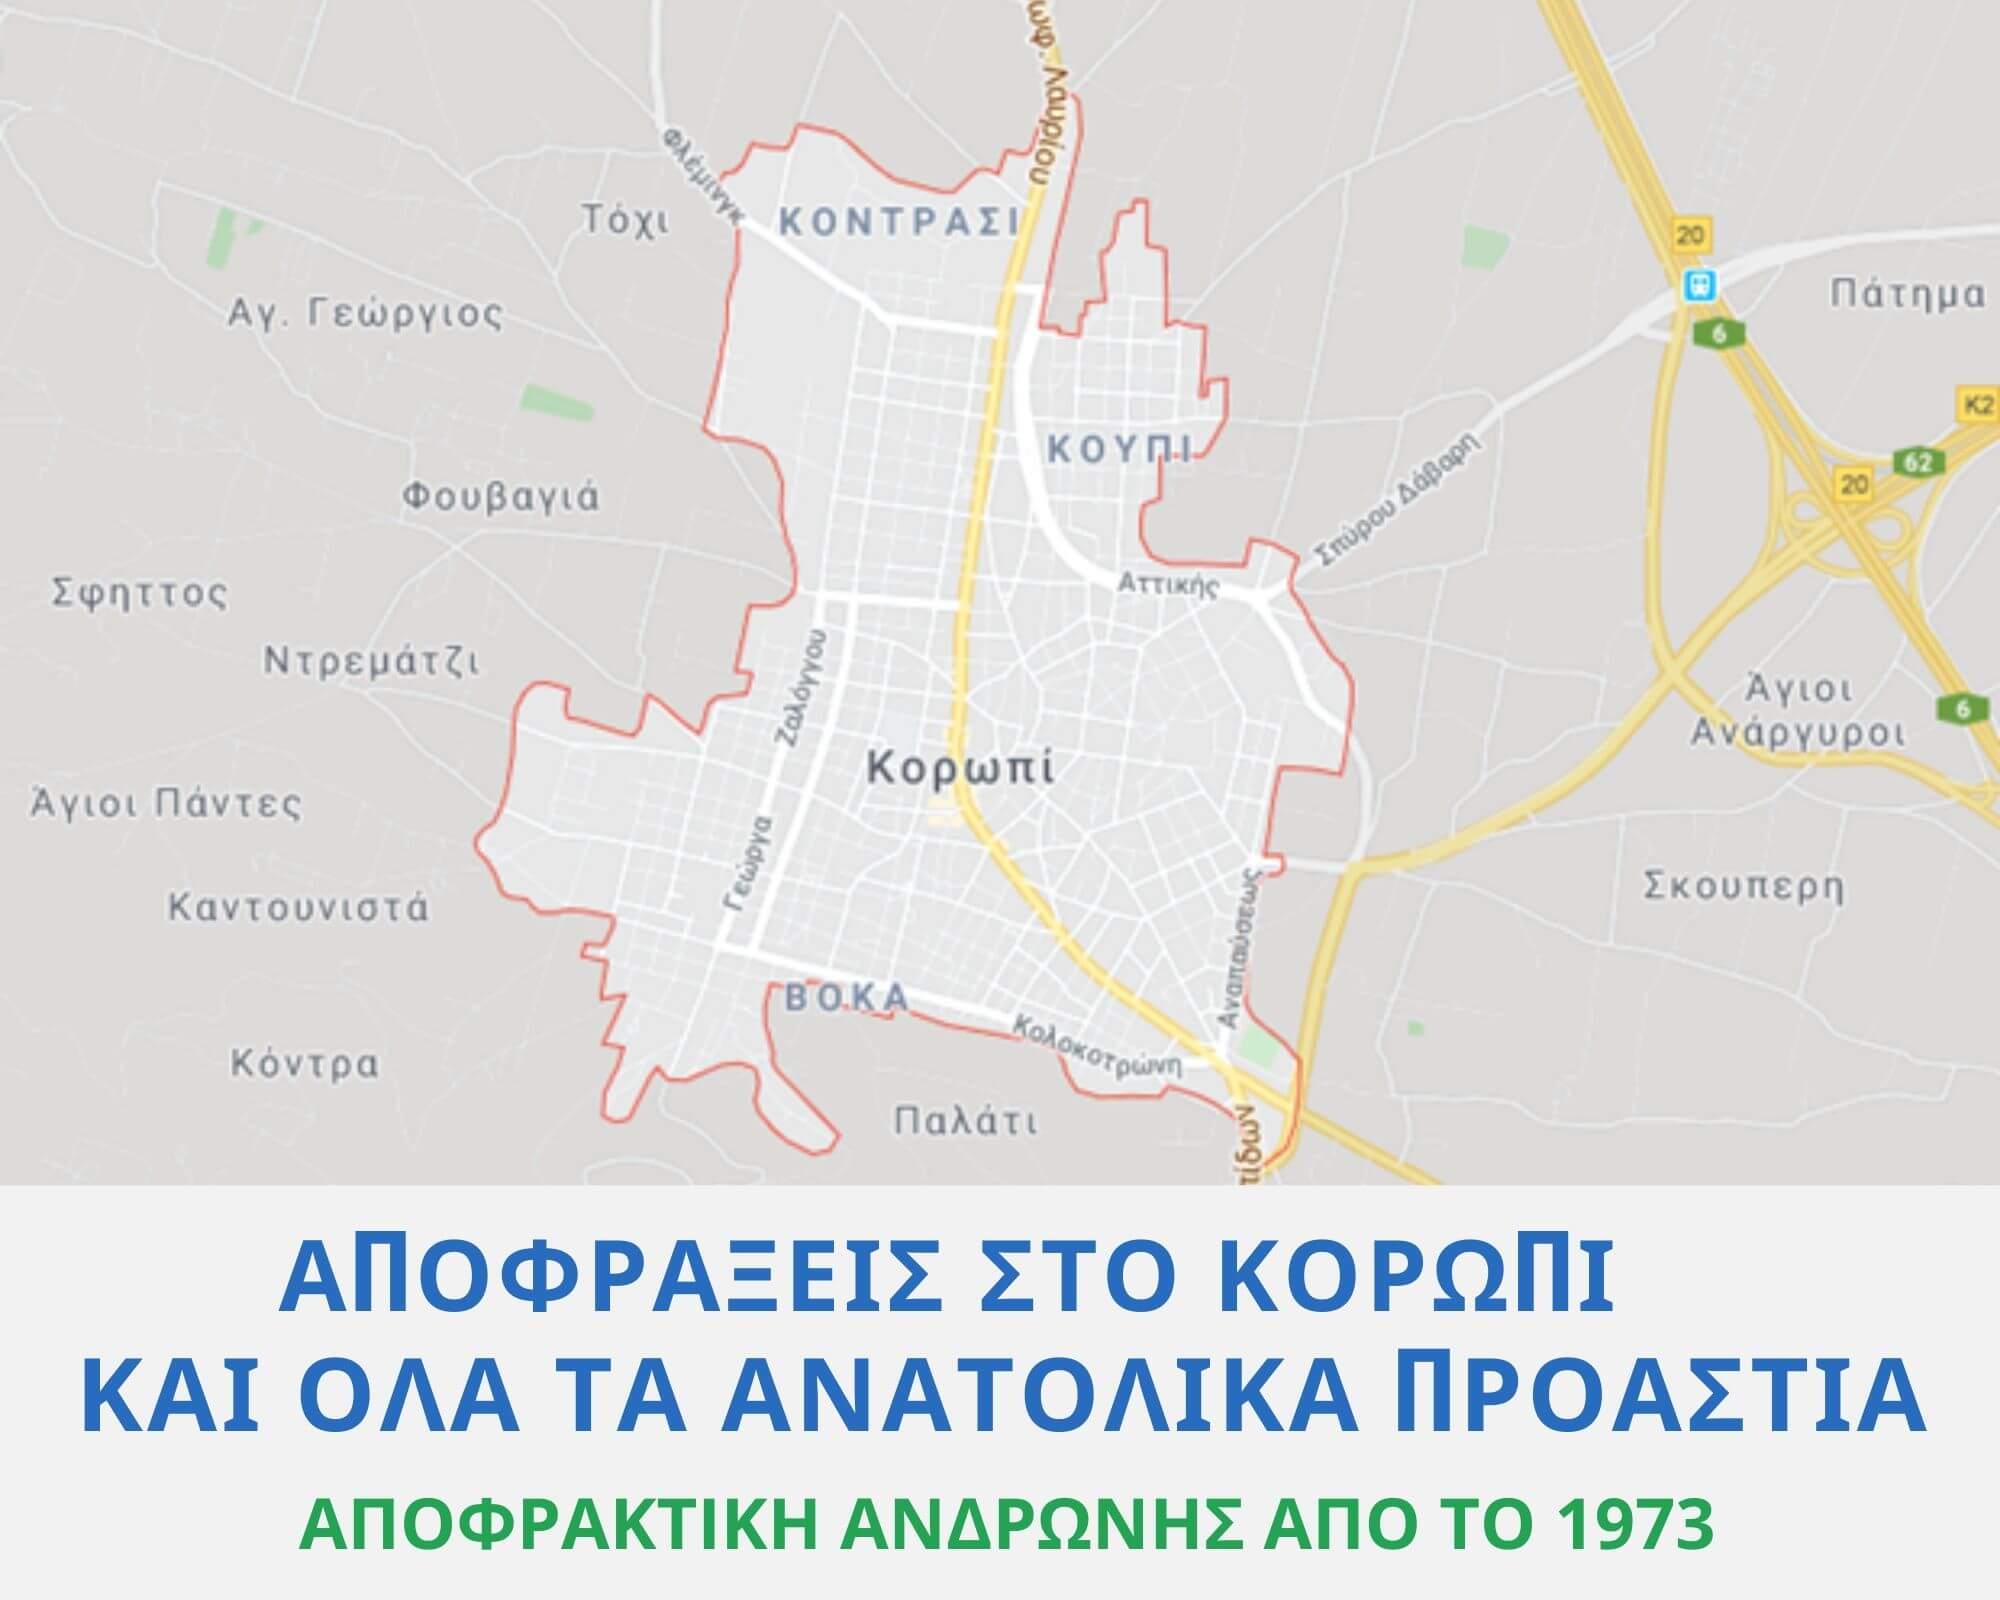 Apofra3eis Korwpi 213 02 50 818 Apofra3eis A8hna